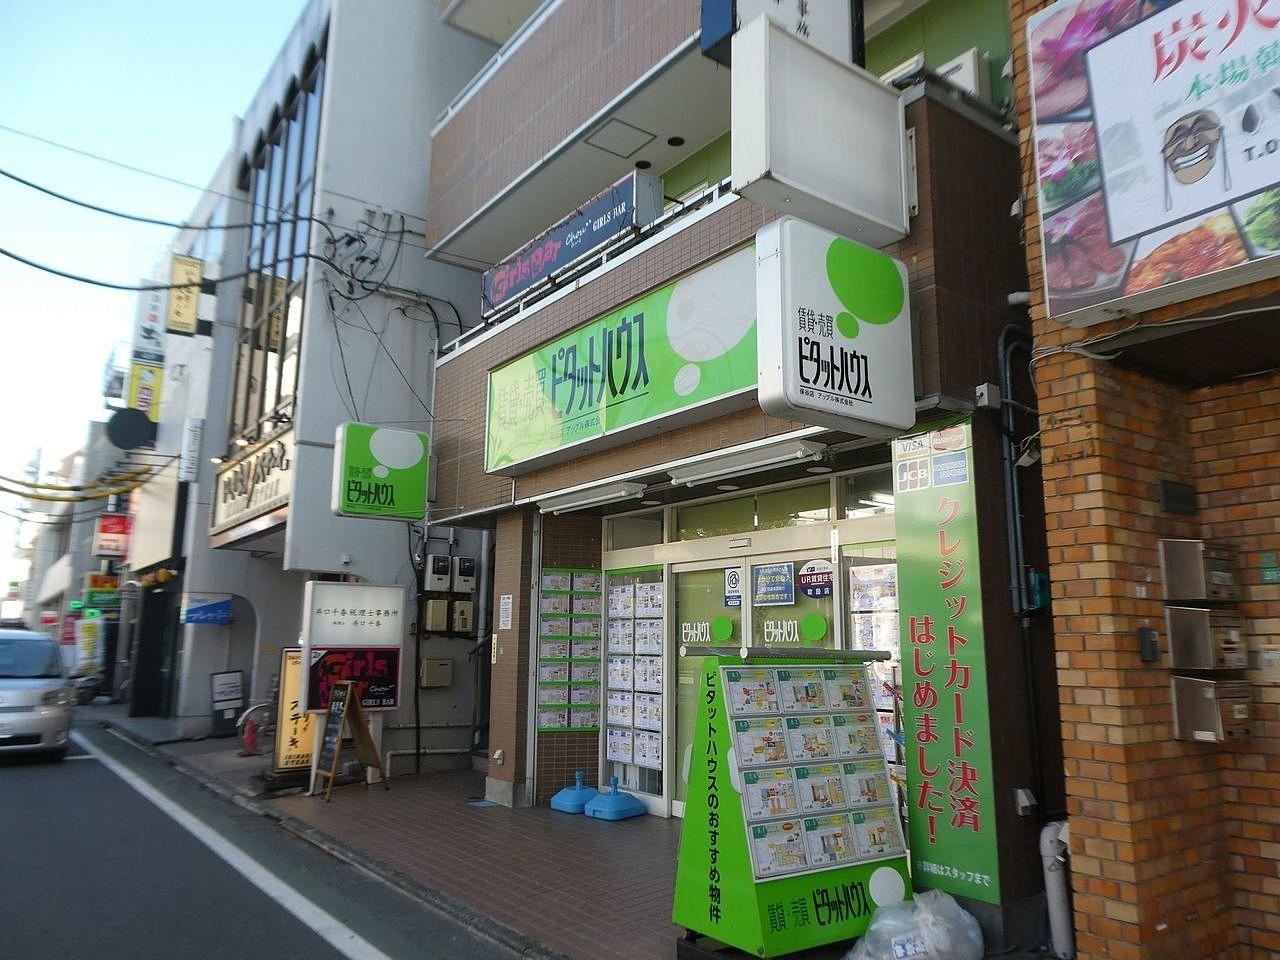 アップル株式会社 ピタットハウス保谷店